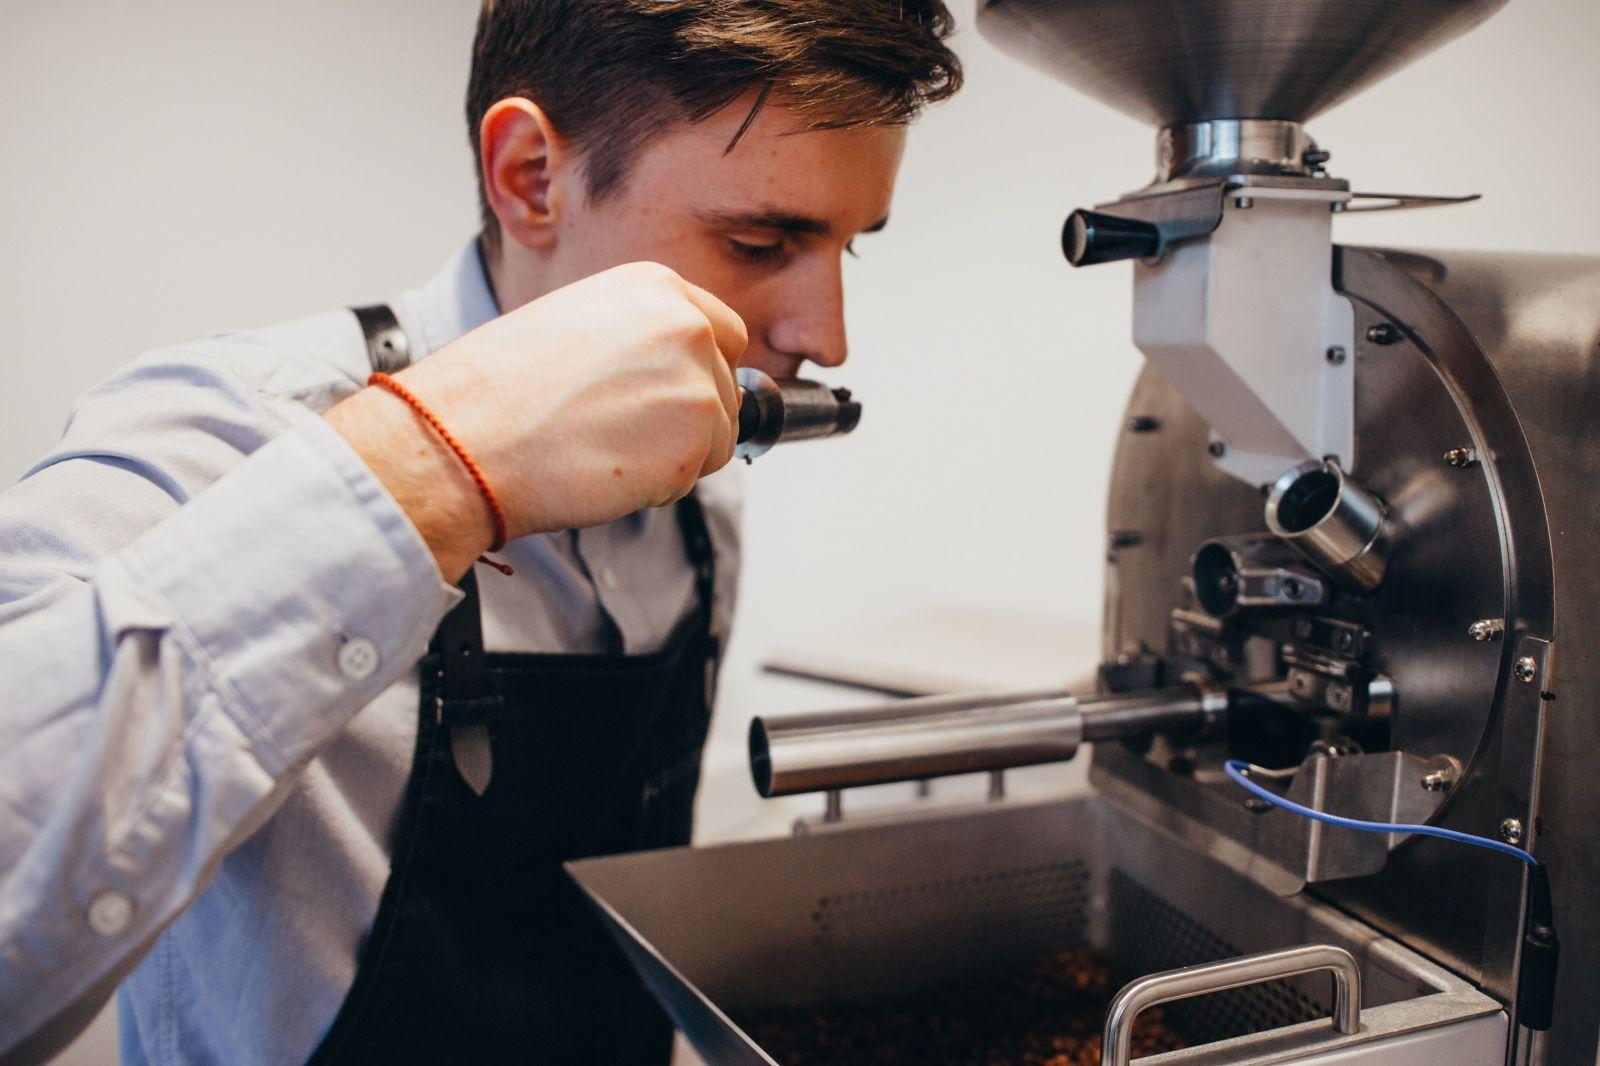 Novým slovenským kráľom v príprave kávy je Mário, bude nás reprezentovať v americkom Bostone (Rozhovor)